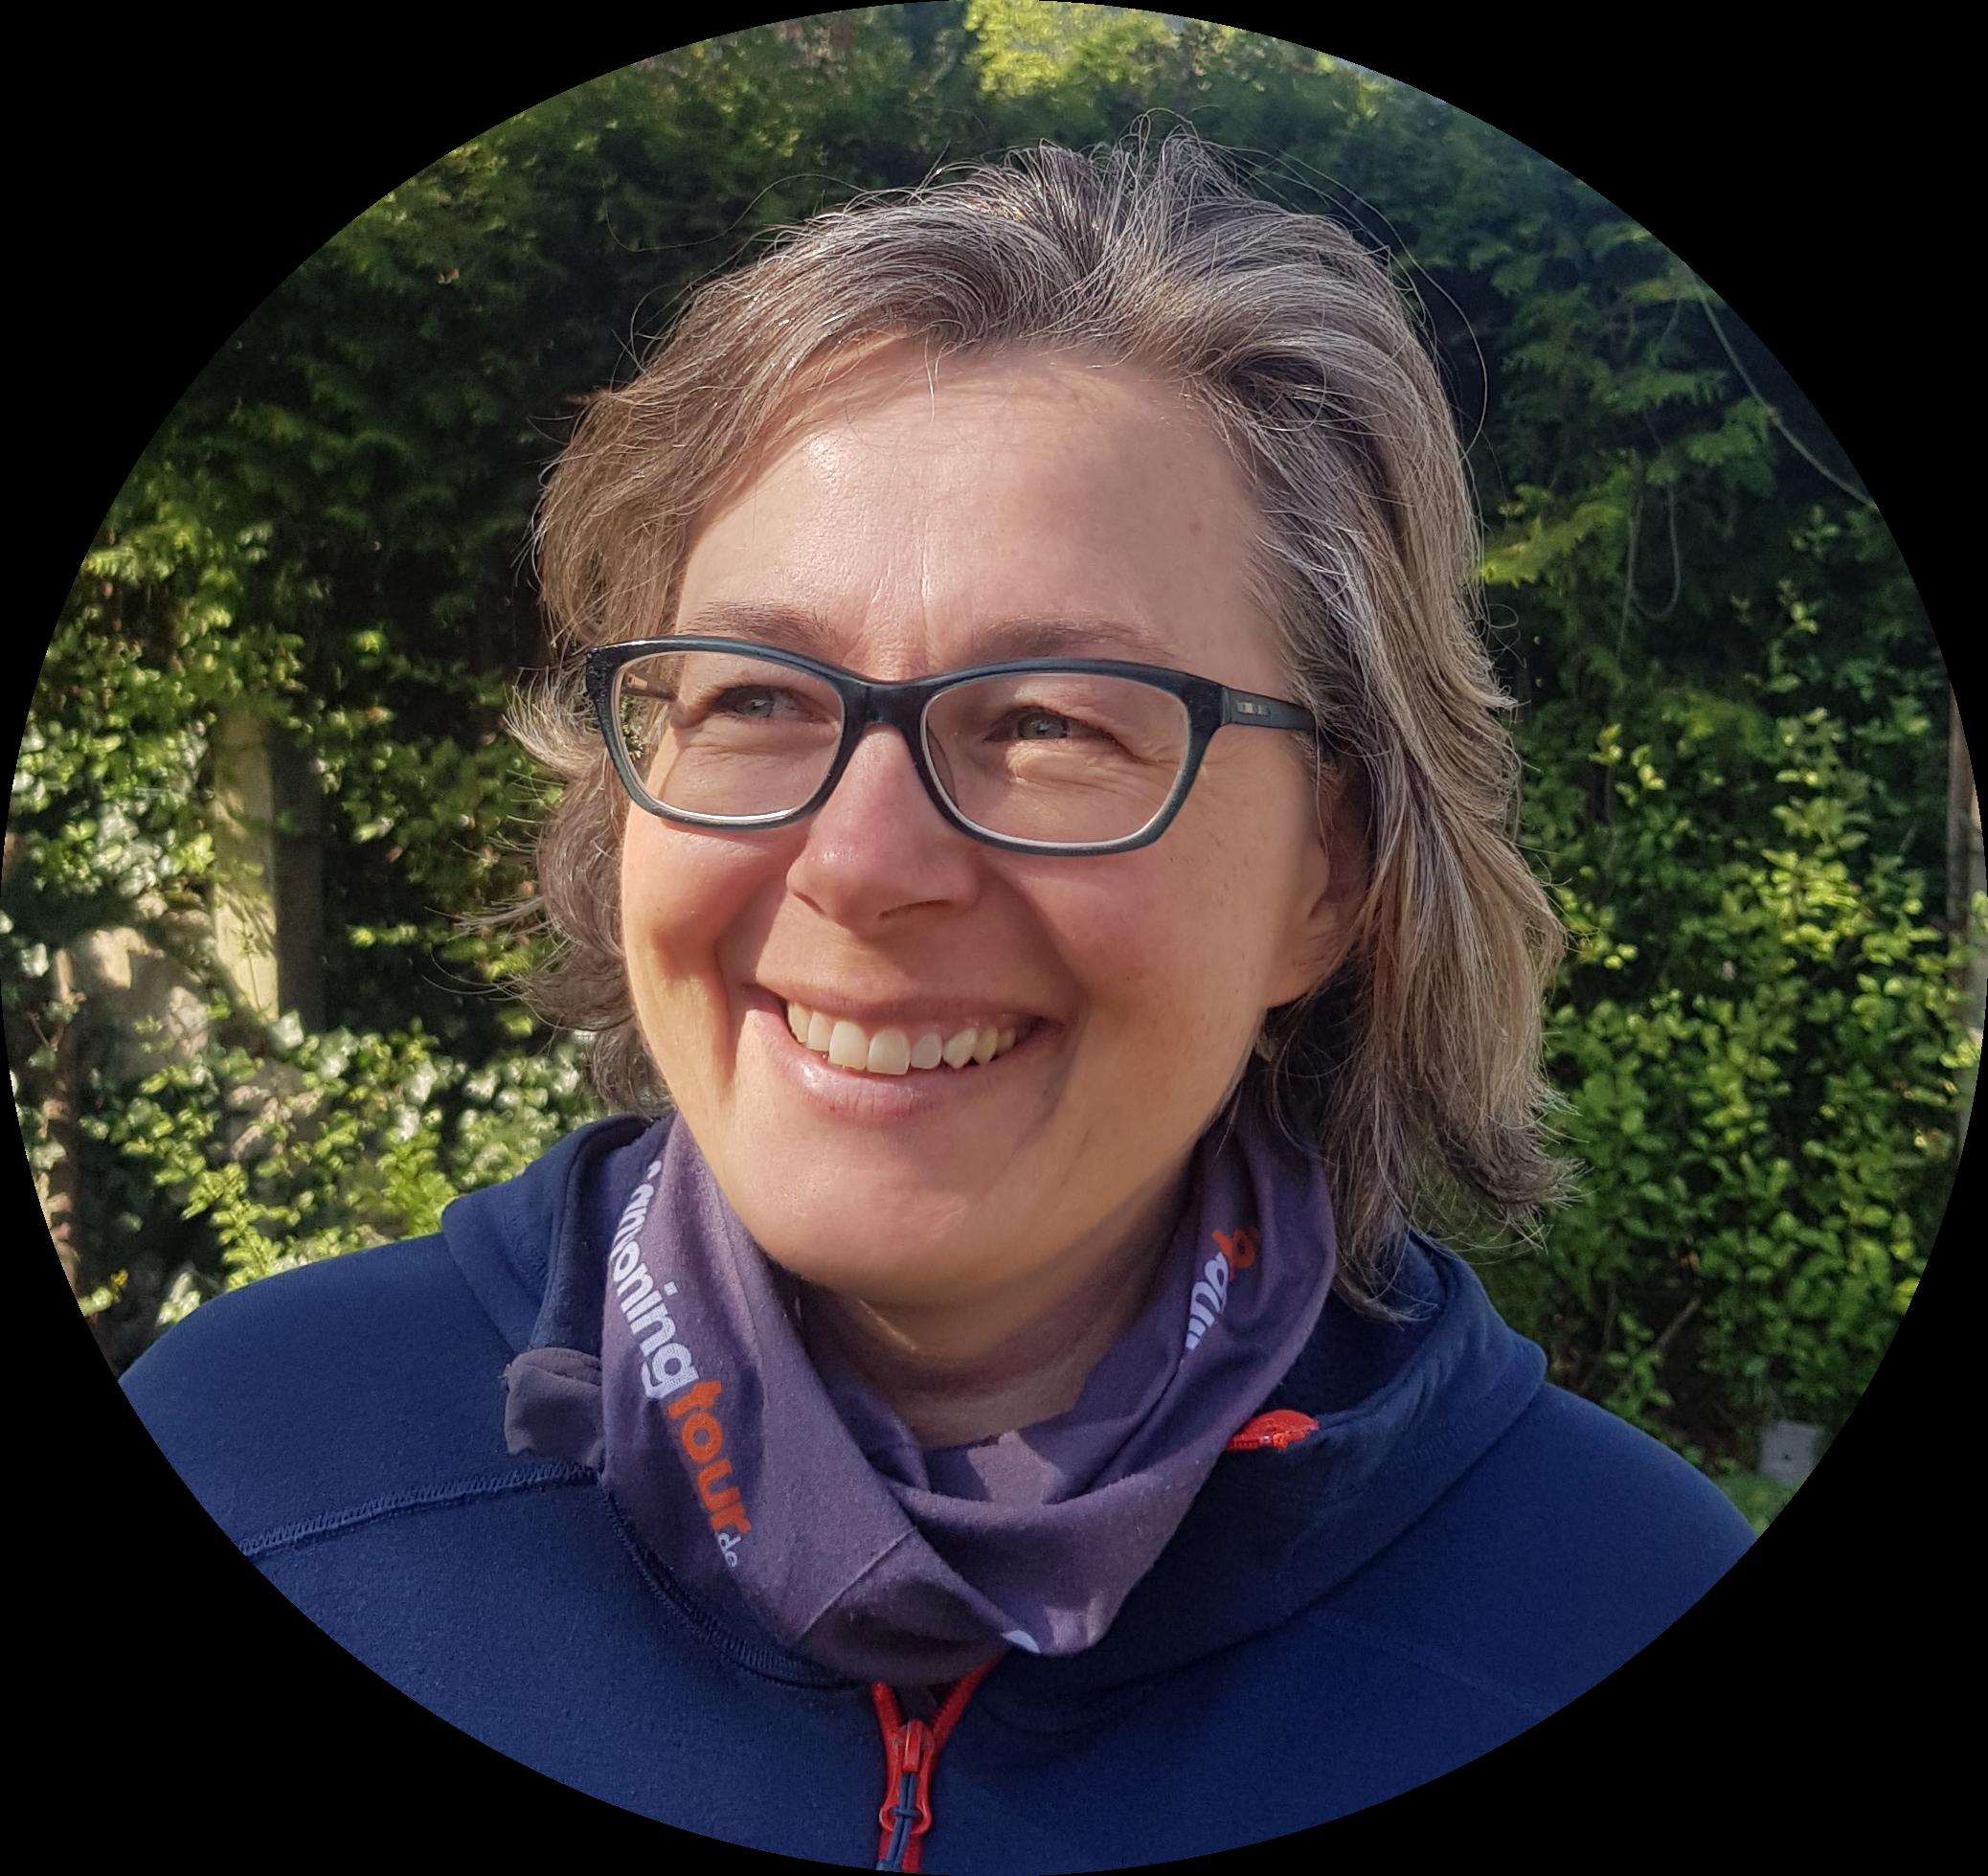 Susanne Stiller